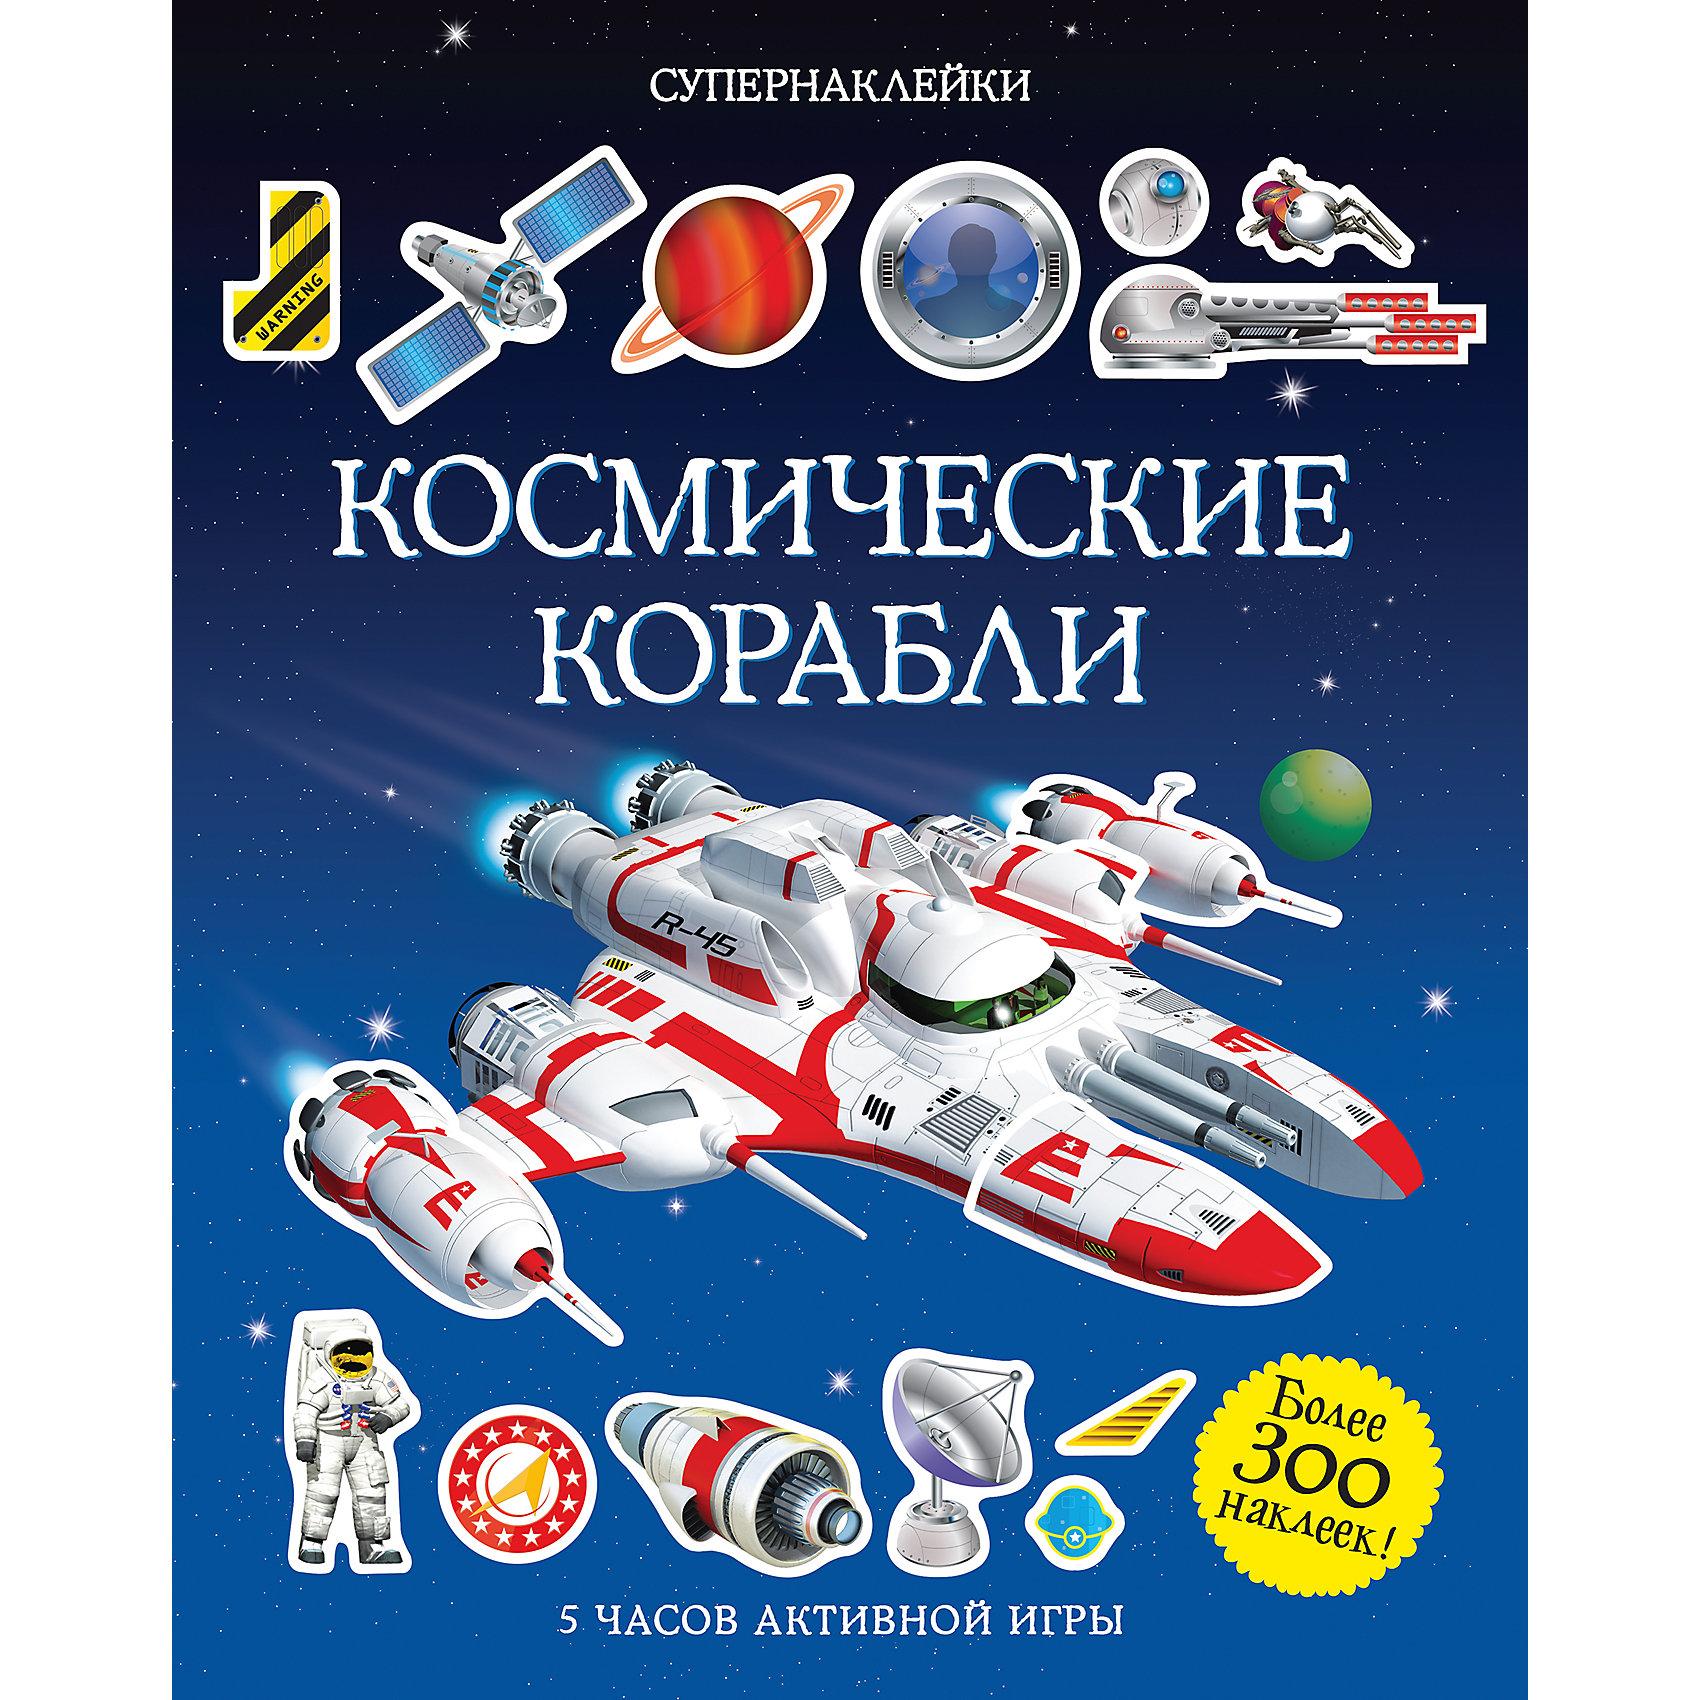 Космические корабли, СупернаклейкиРисование<br>На каких кораблях люди впервые отправились в космос? А на каких могут летать инопланетяне? Собери с помощью наклеек фантастические и реально существовавшие космические корабли.<br>Читаем и играем! Развиваем внимание, воображение, мелкую моторику и художественный вкус.<br><br>Ширина мм: 305<br>Глубина мм: 240<br>Высота мм: 4<br>Вес г: 303<br>Возраст от месяцев: 84<br>Возраст до месяцев: 120<br>Пол: Унисекс<br>Возраст: Детский<br>SKU: 4818125